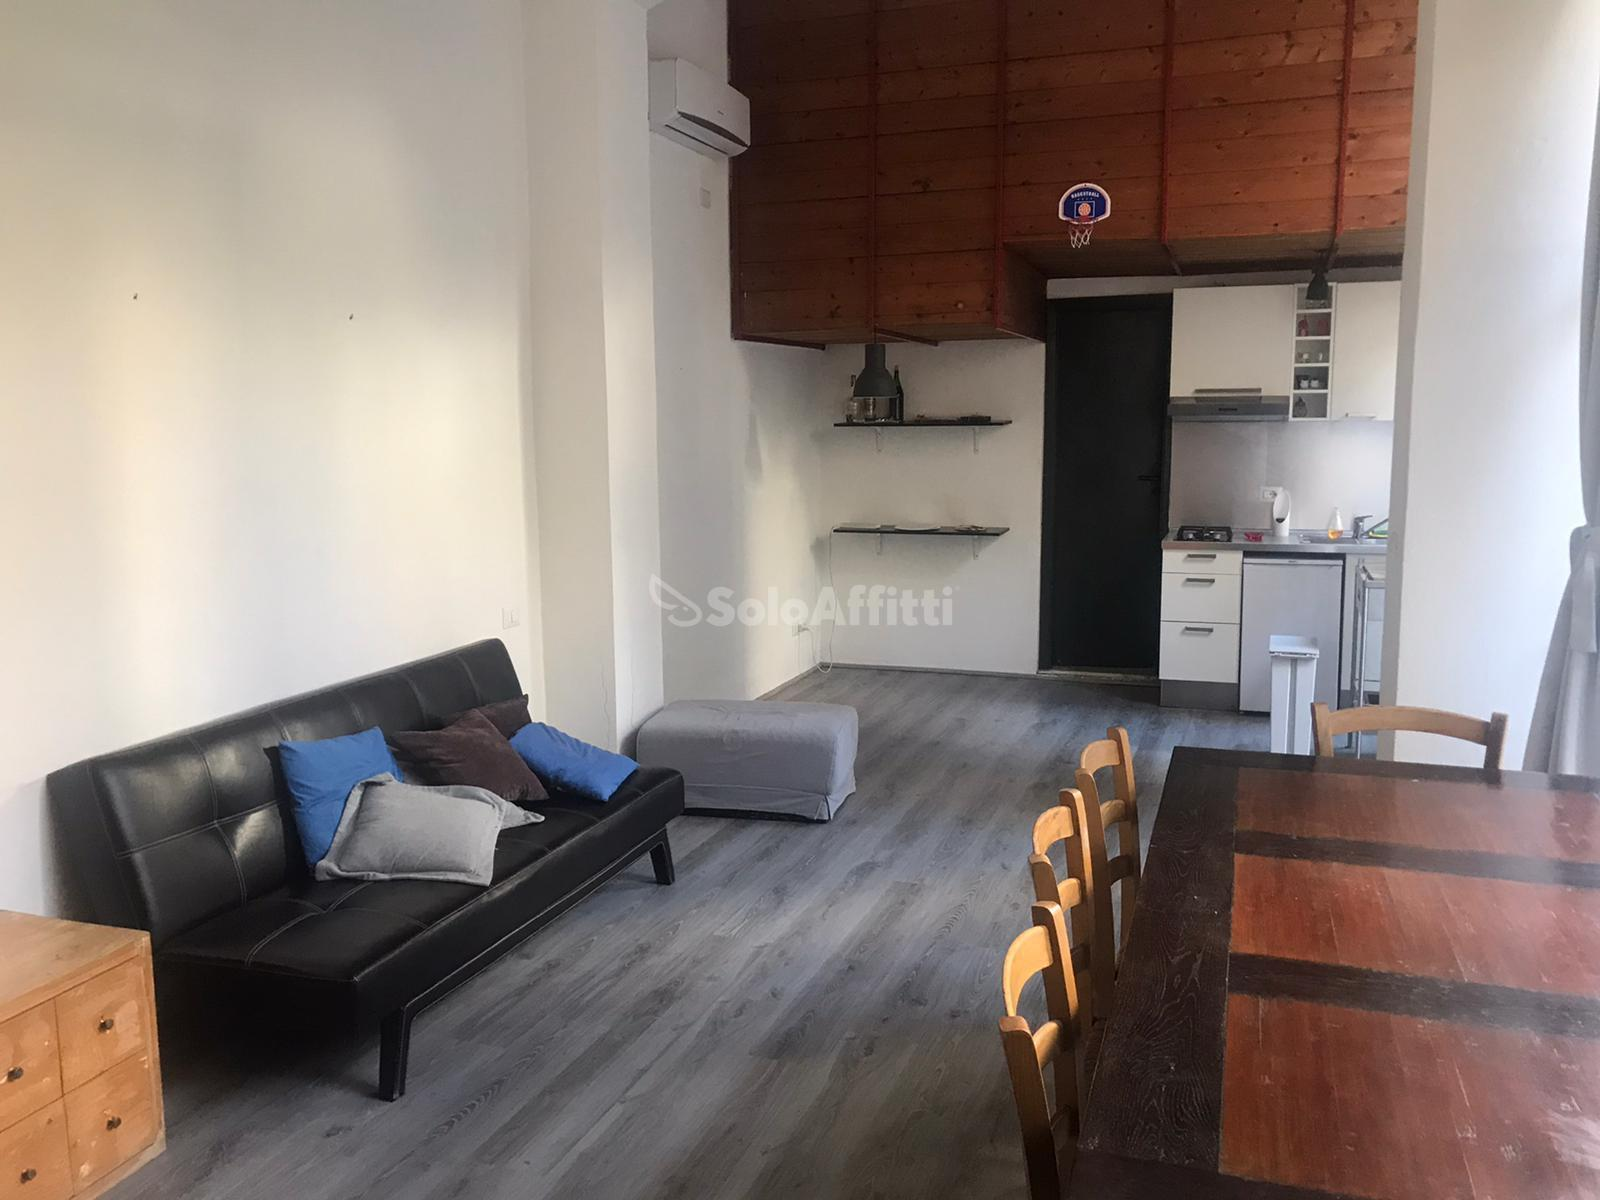 Appartamento Monolocale Arredato 60 mq.